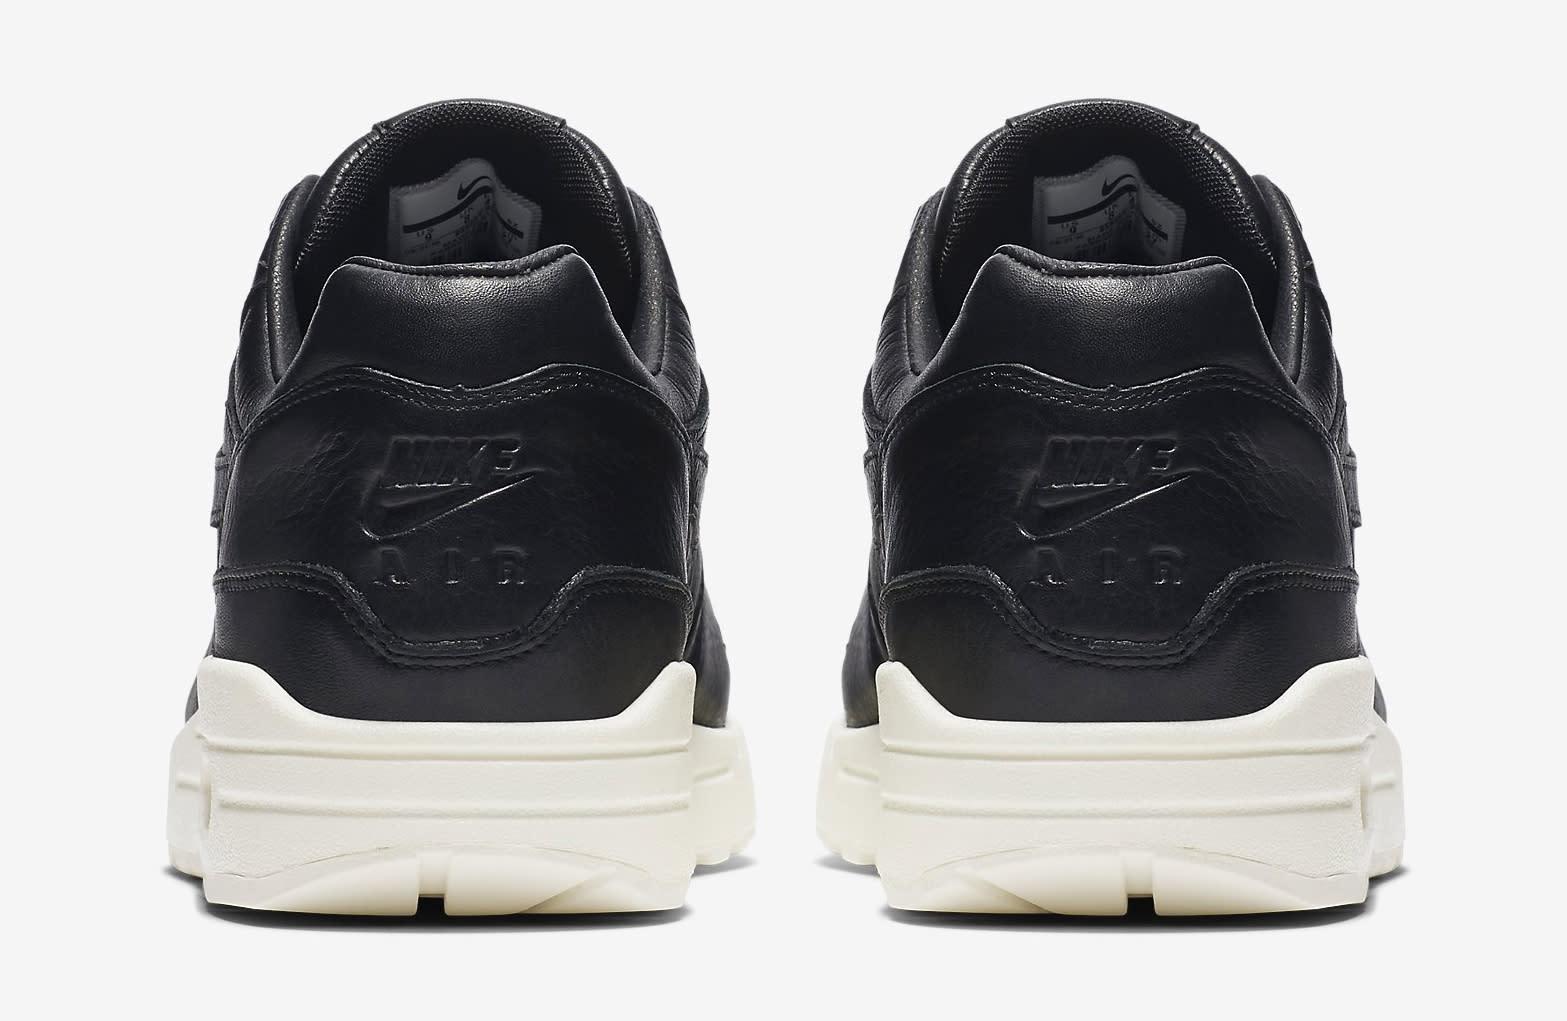 Nike Air Max 1 Pinnacle Leather Black 859554-003 Heel